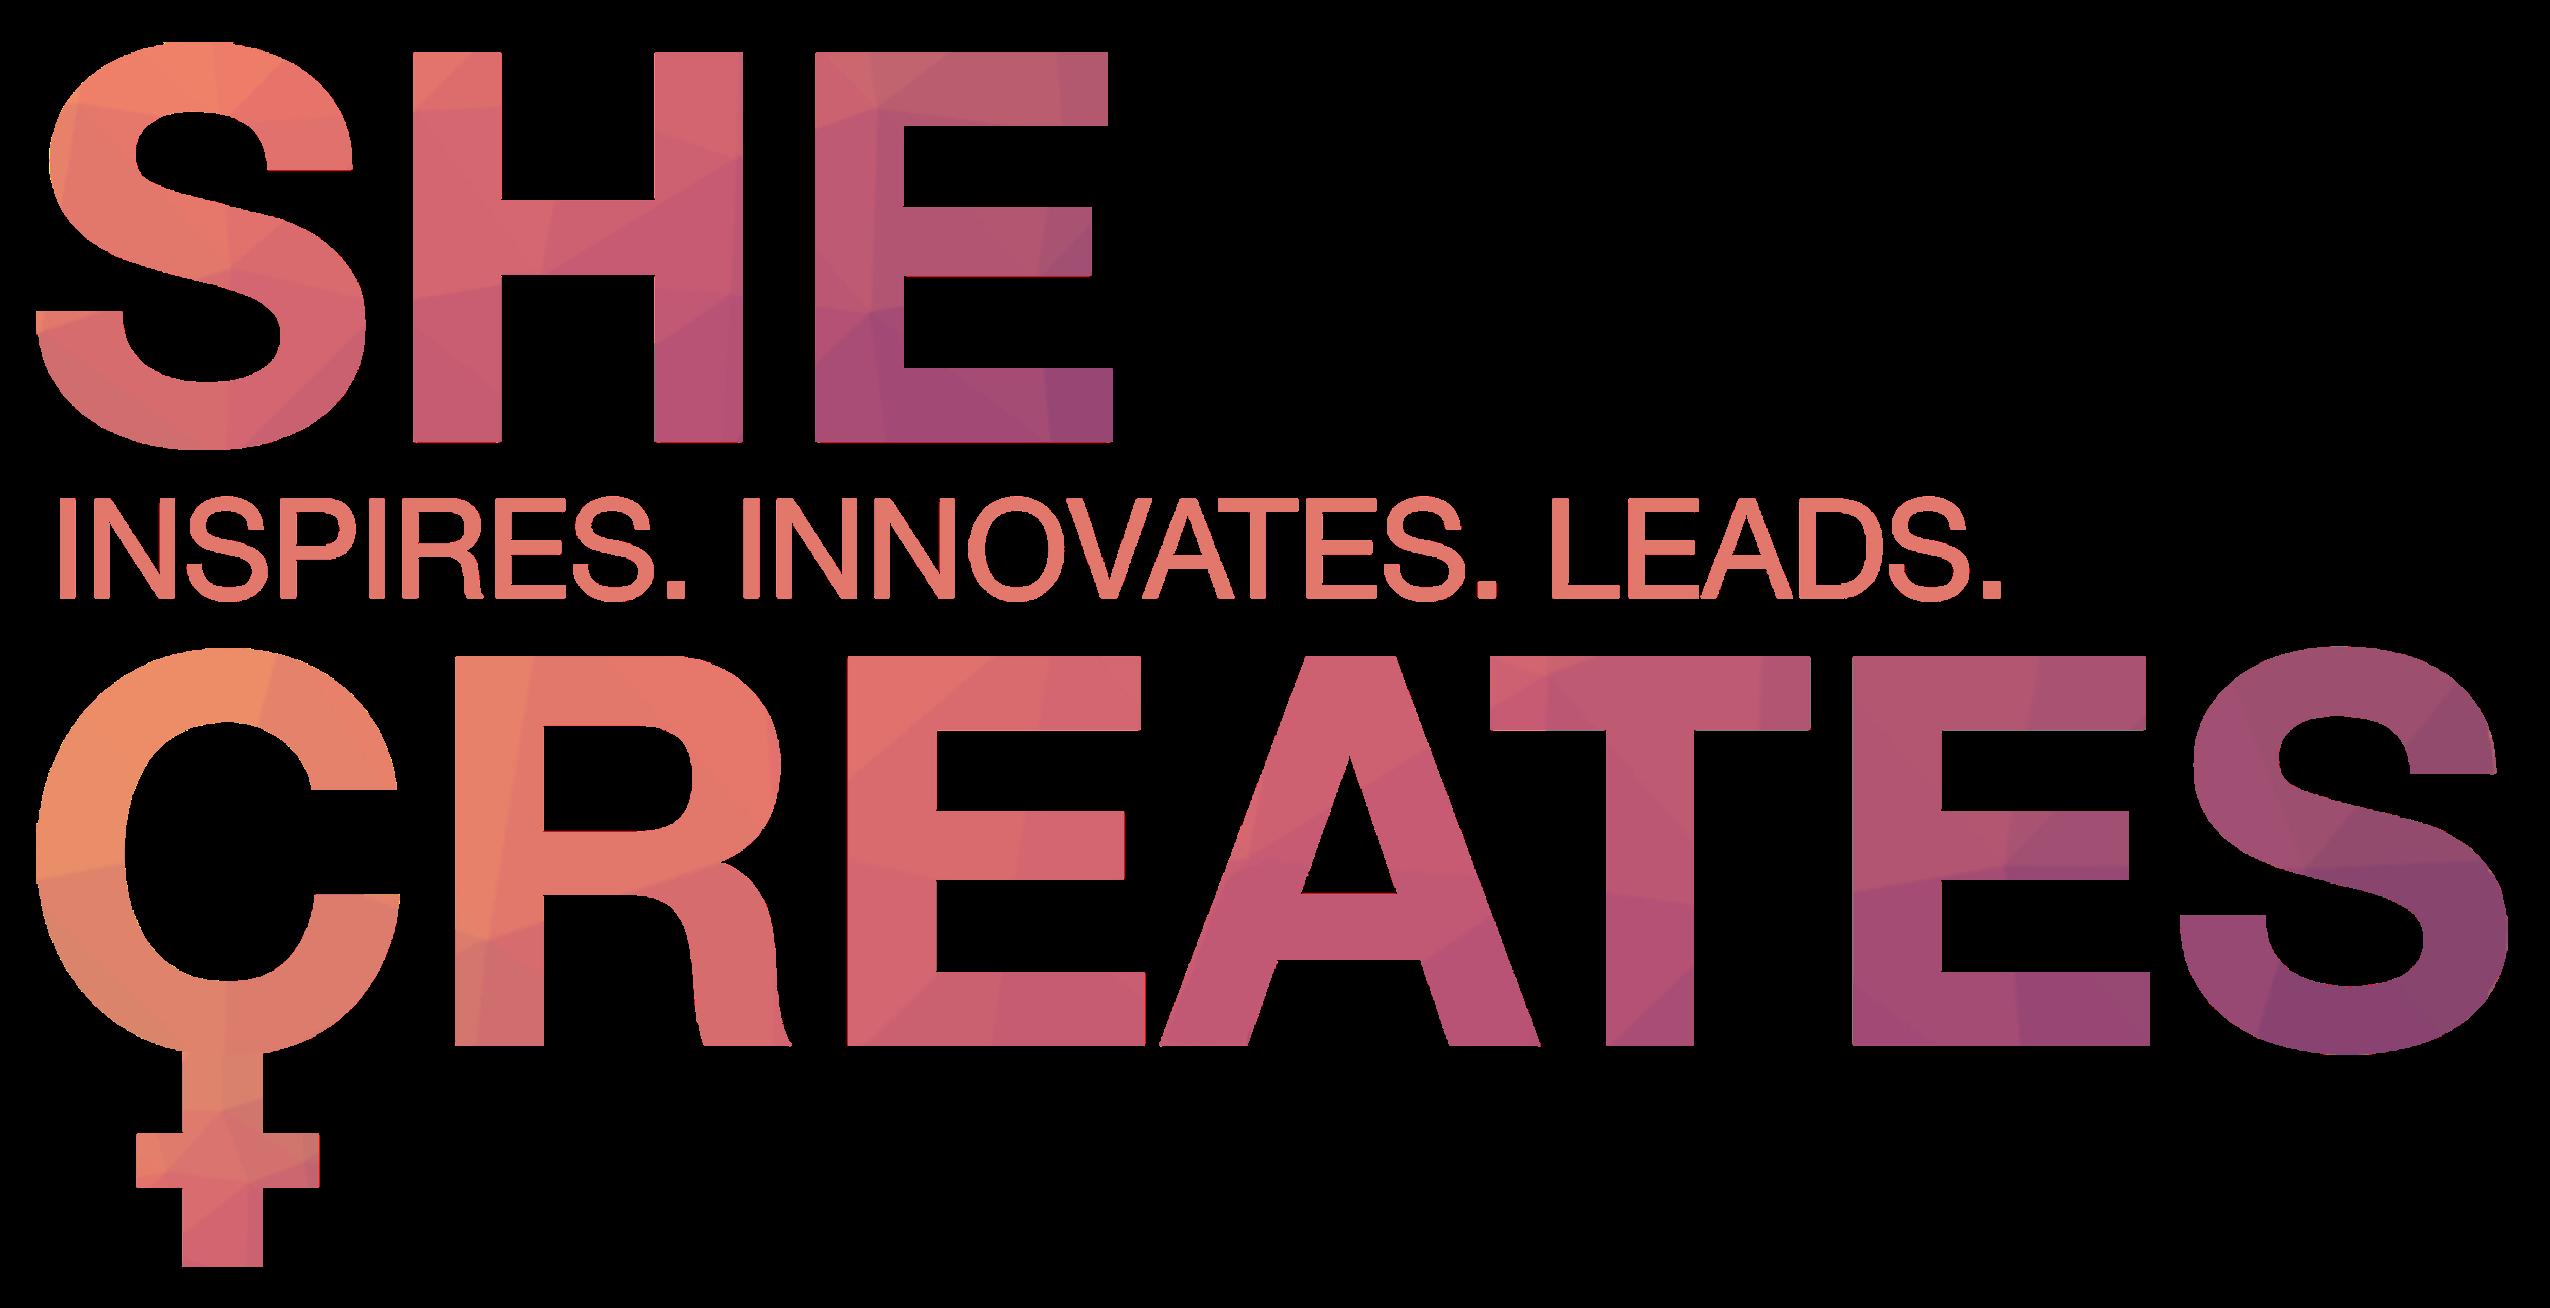 pitt.edu - University of Pittsburgh Innovation Institute - She Creates_Women Entrepreneurship Week_2018